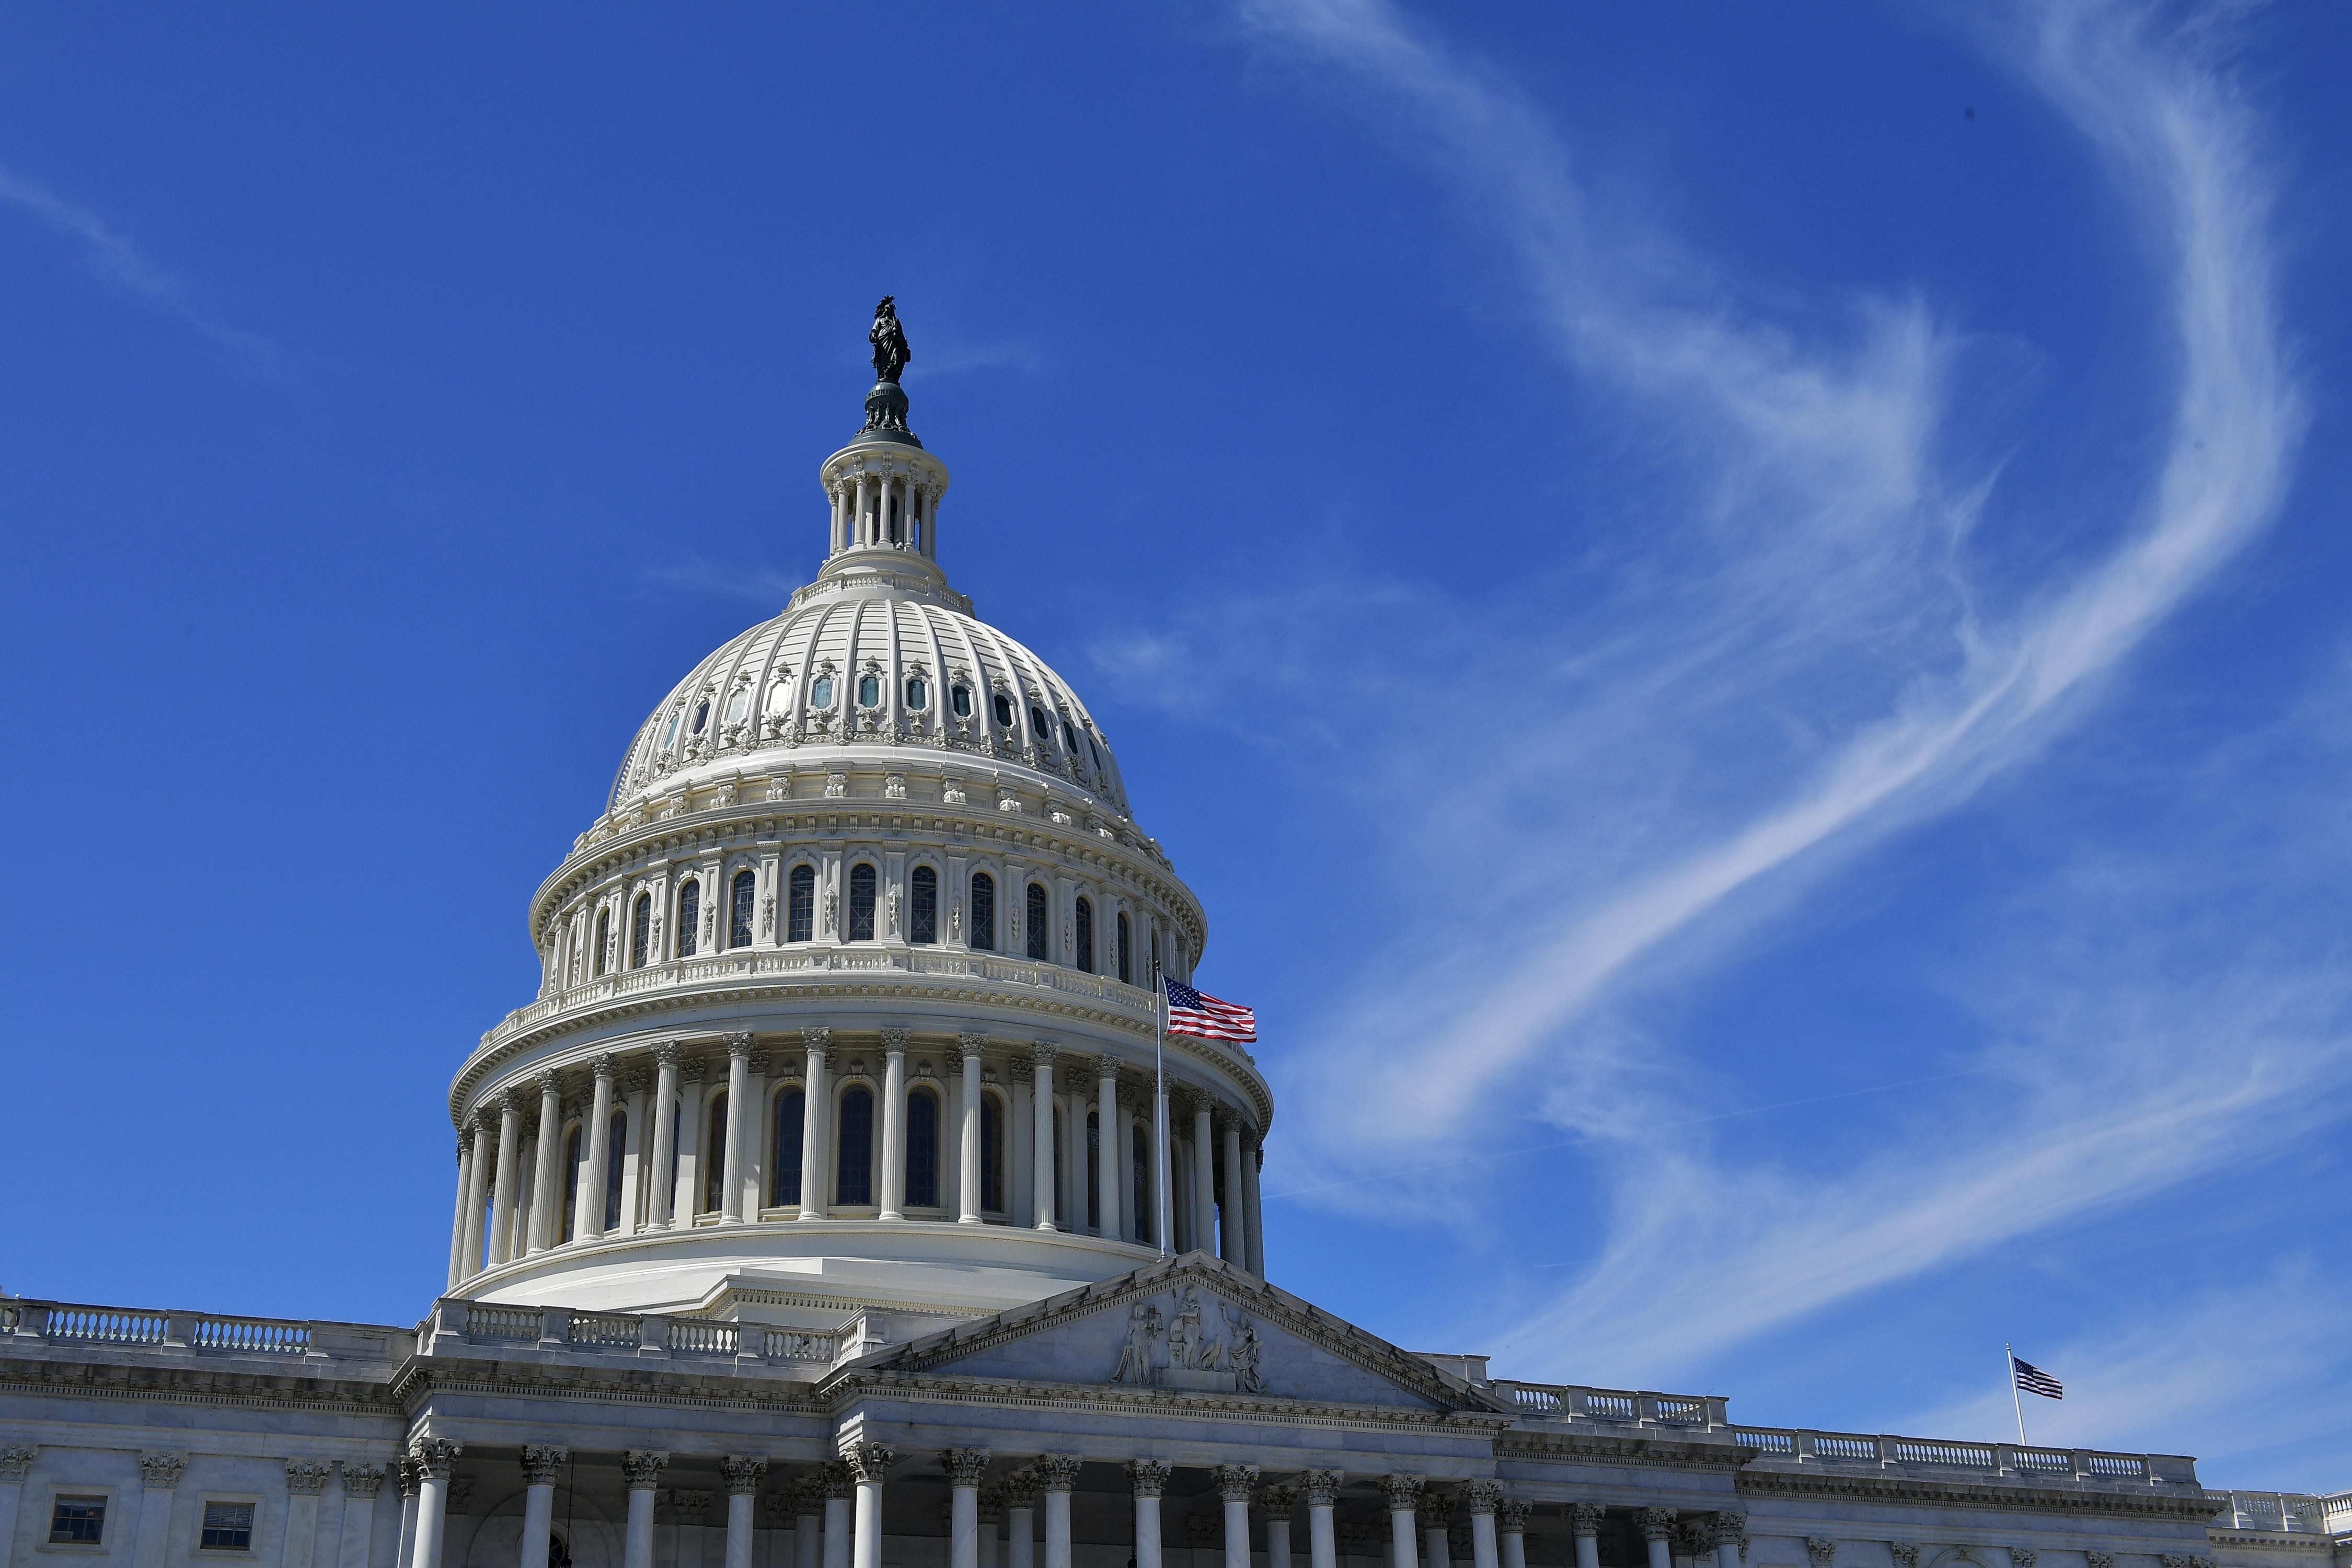 El Congreso de EEUU se dispone a votar nuevo plan de ayuda a la economía